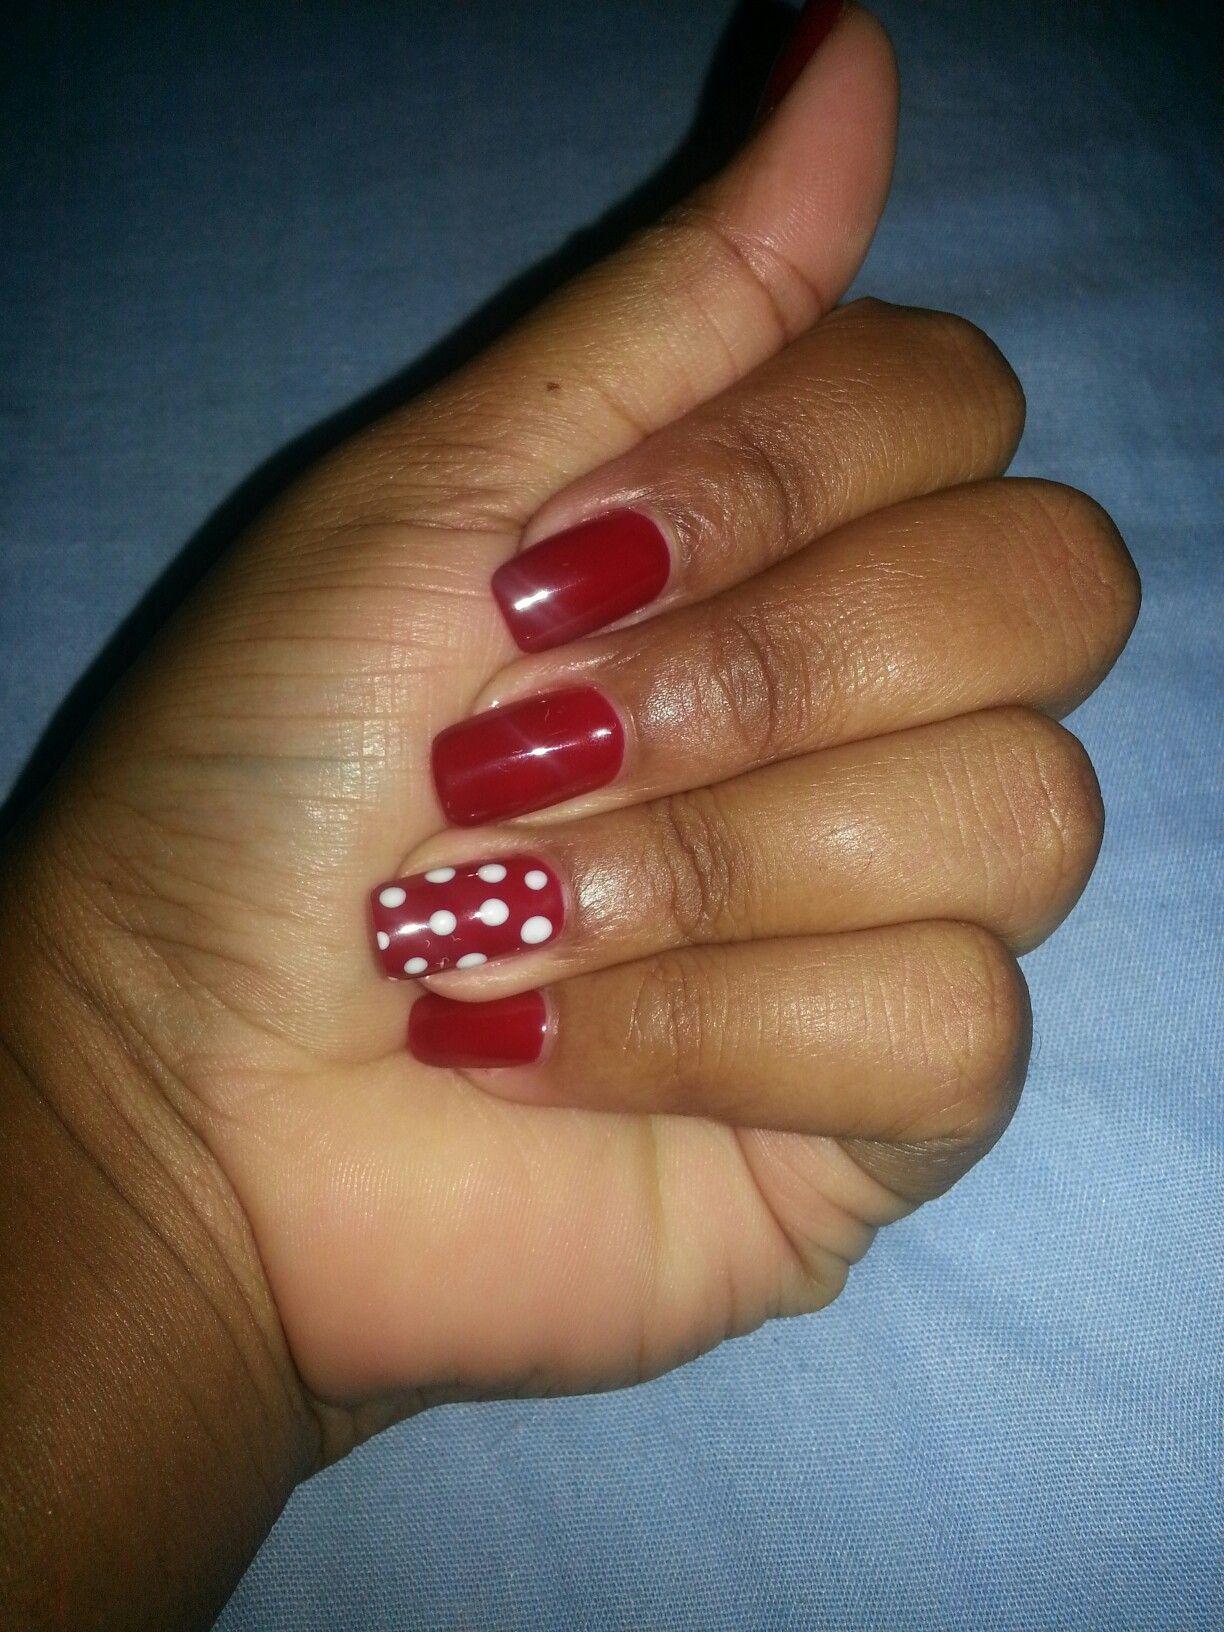 Mis manos, mis uñas pintadas con #Gel